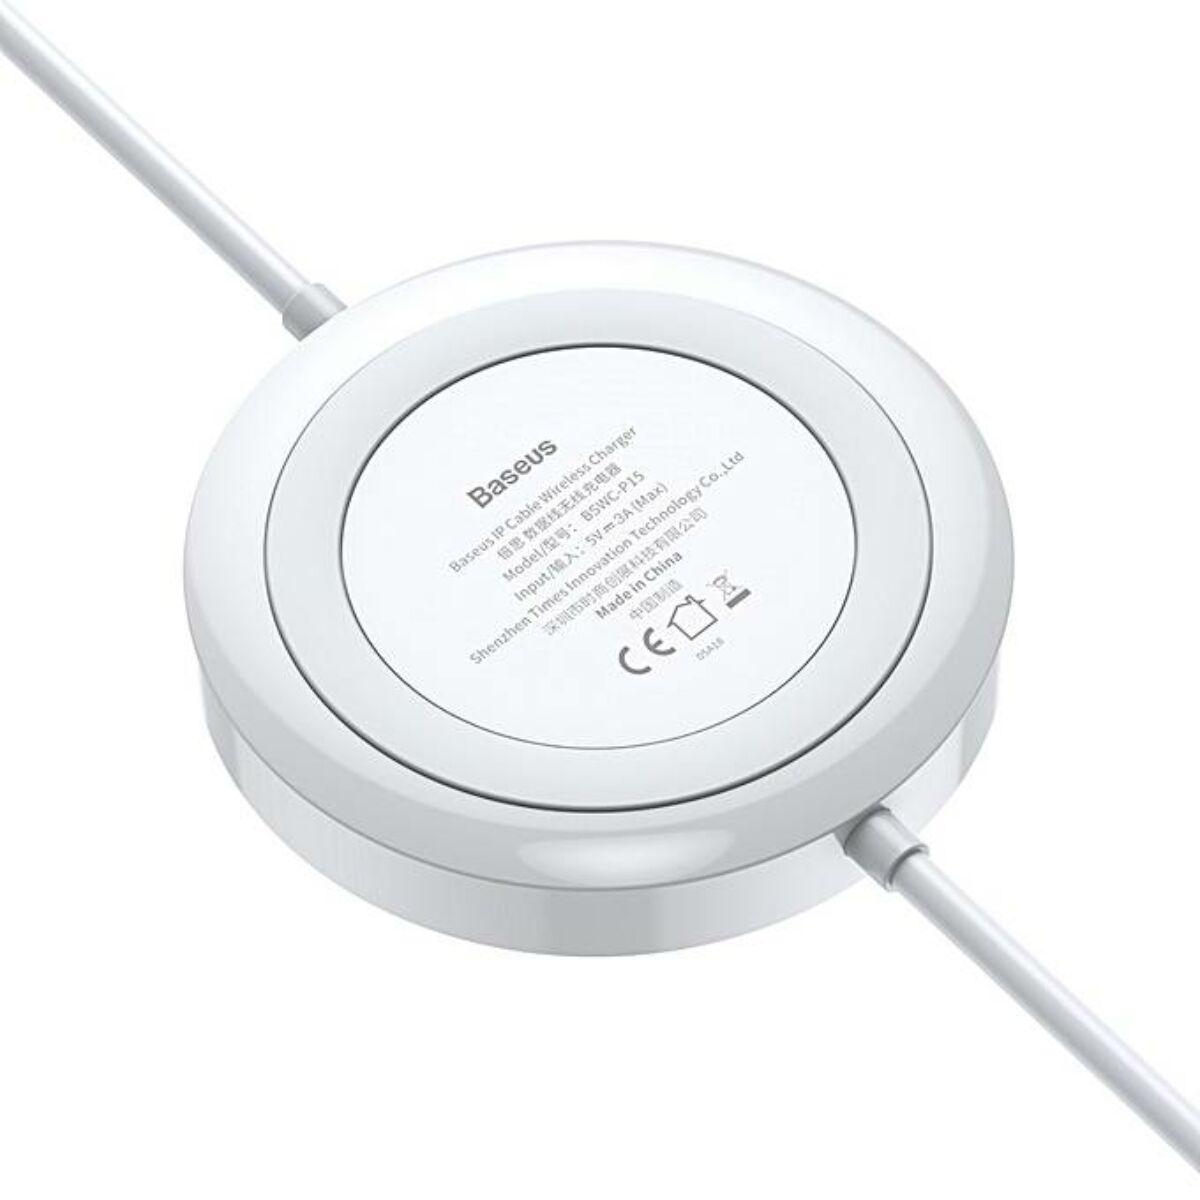 Baseus vezeték nélküli töltő, és kábel, Lightning 5W 1.2m, fehér (WXCA-02)